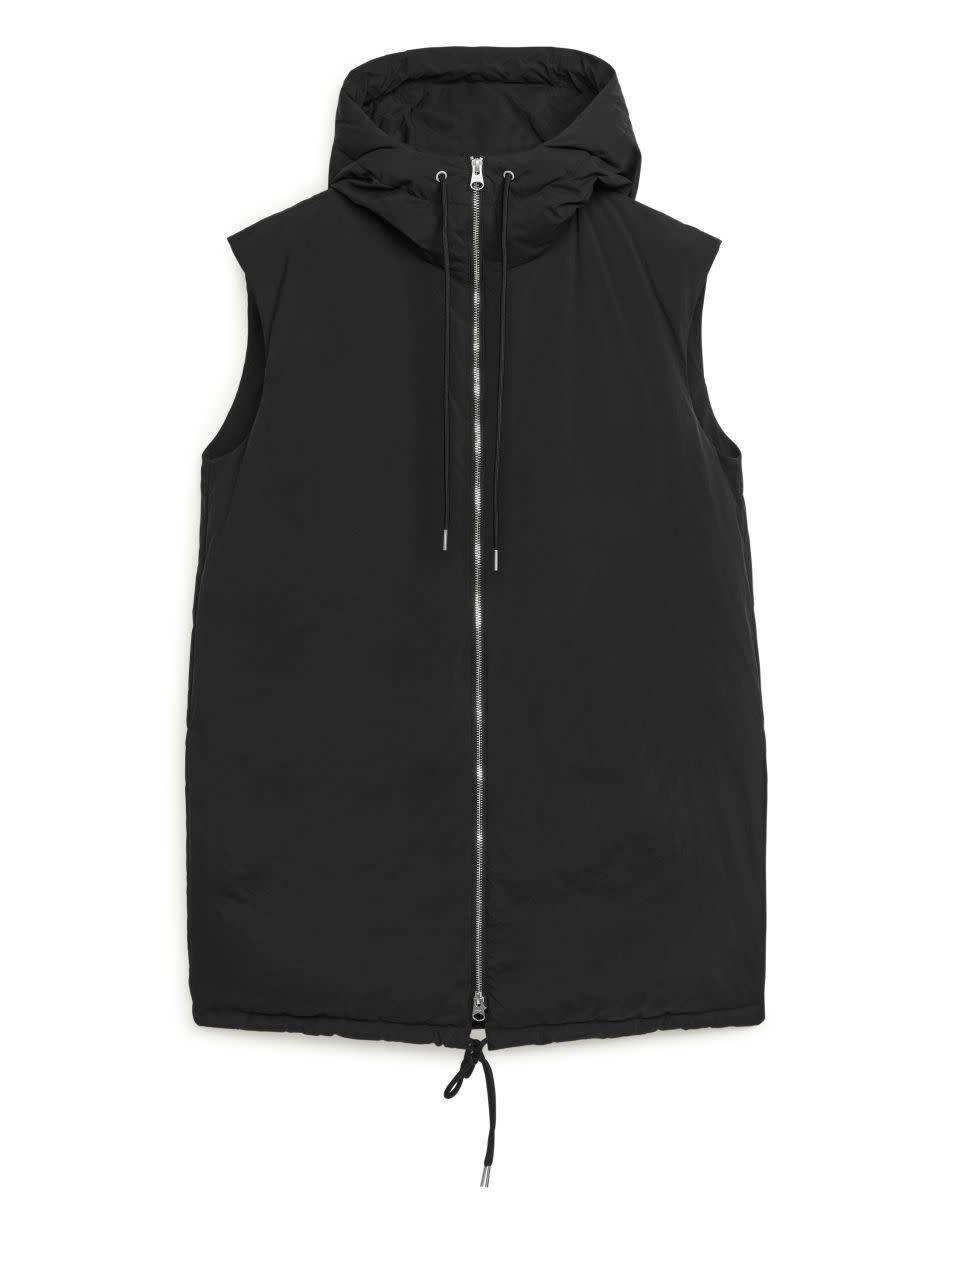 Mid-Length ReDown Vest